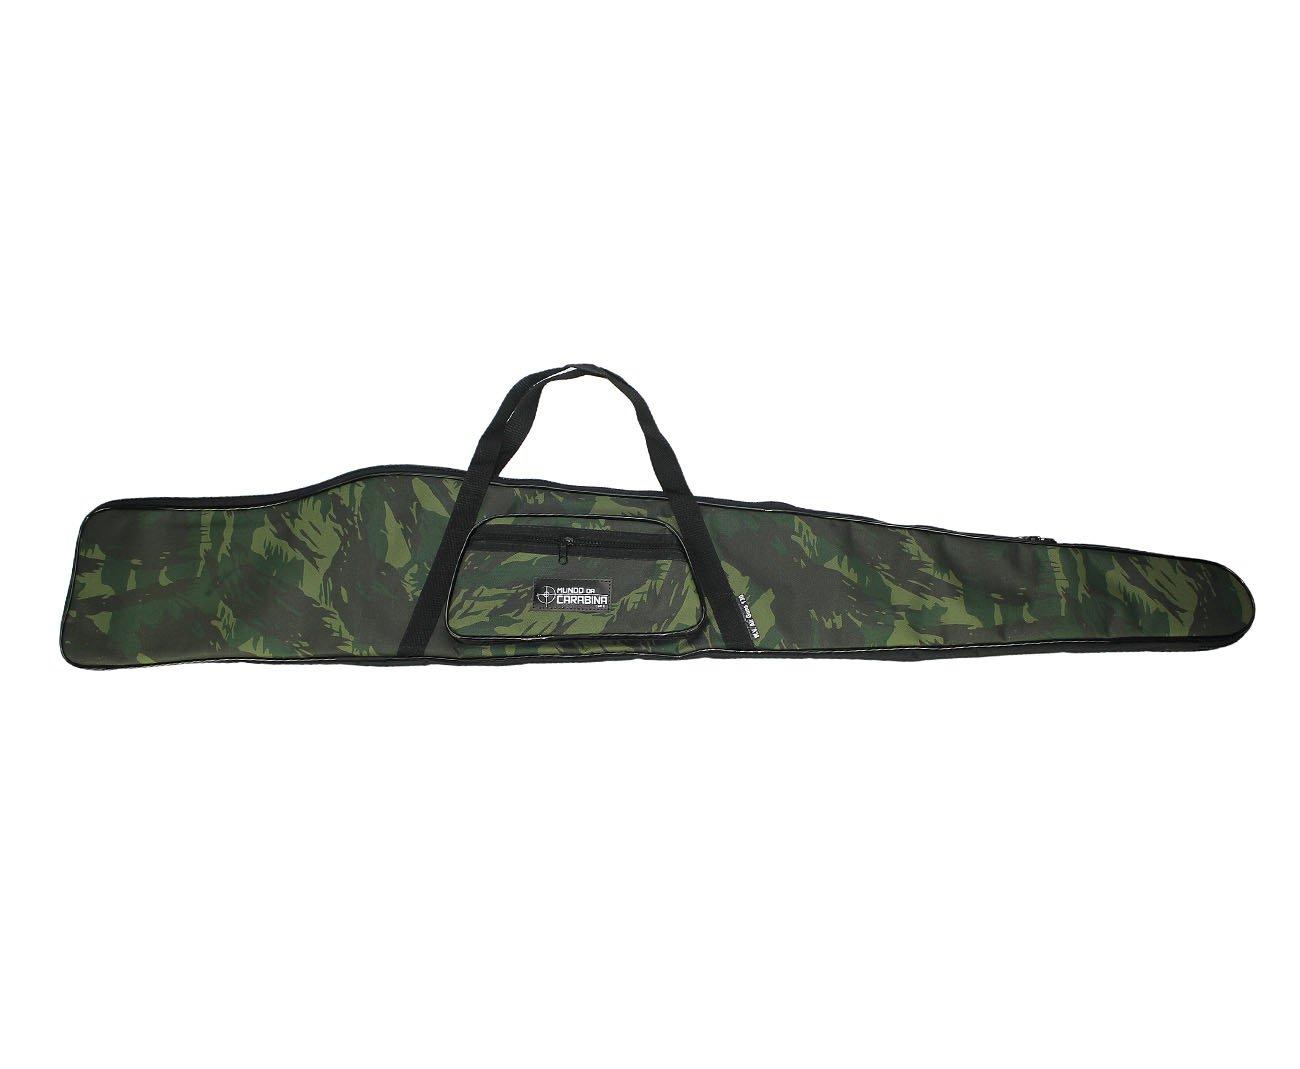 Capa Para Carabina Super Camuflado 130cm - Mundo Da Carabina